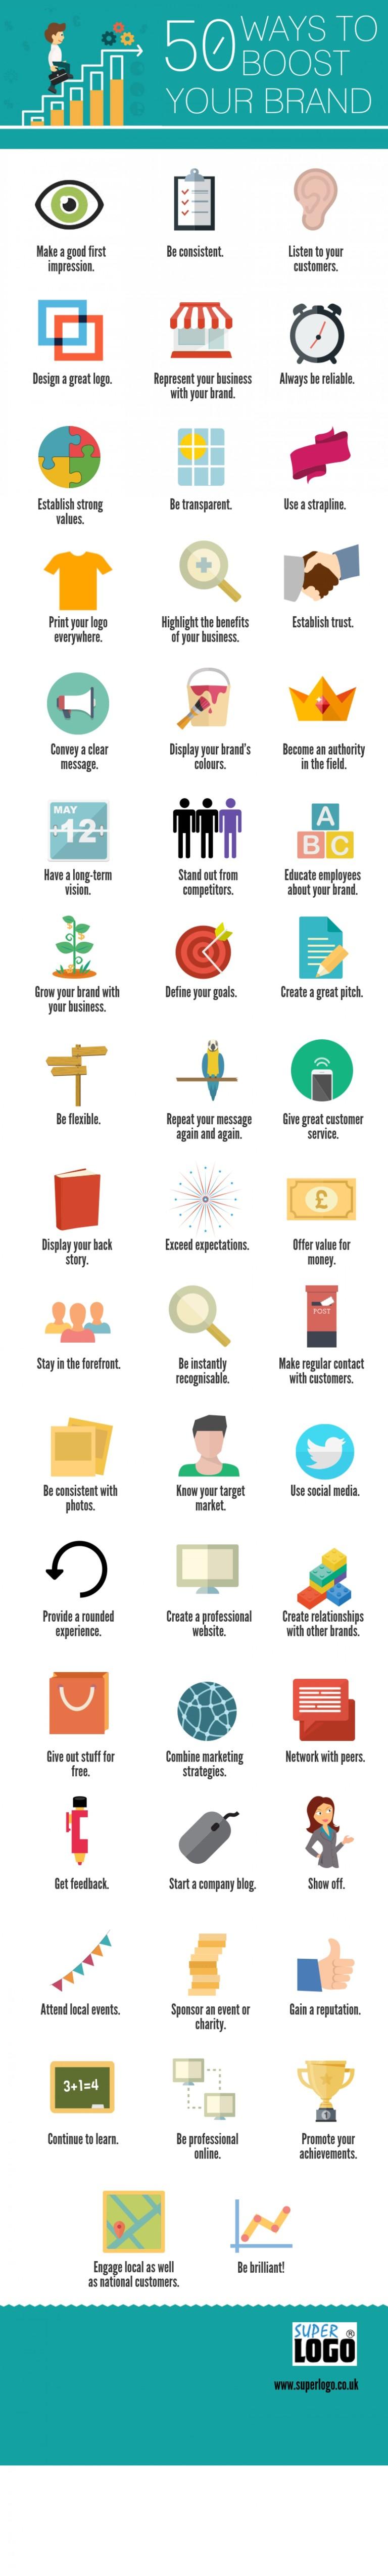 50-ways-to-boost-your-brand_w1500-768x5096